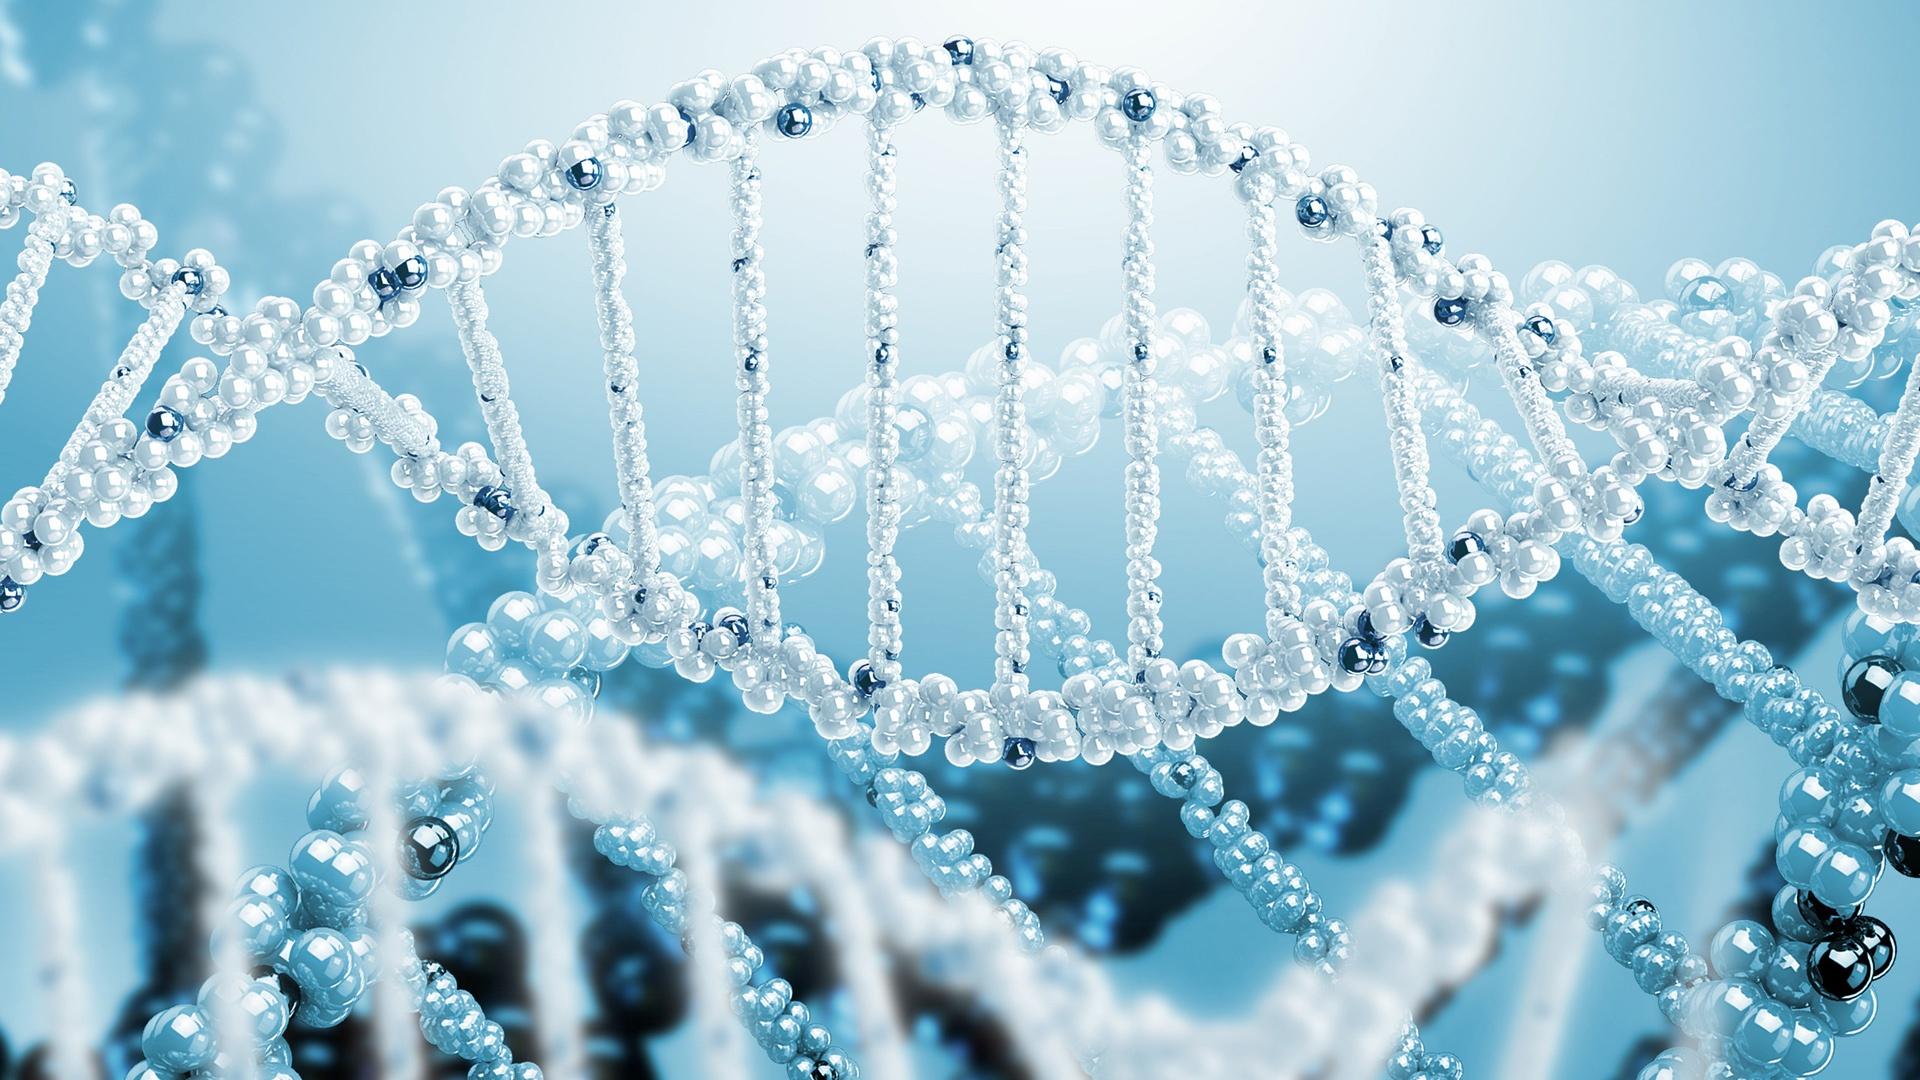 DNA HD Wallpaper   HD Images New 1920x1080